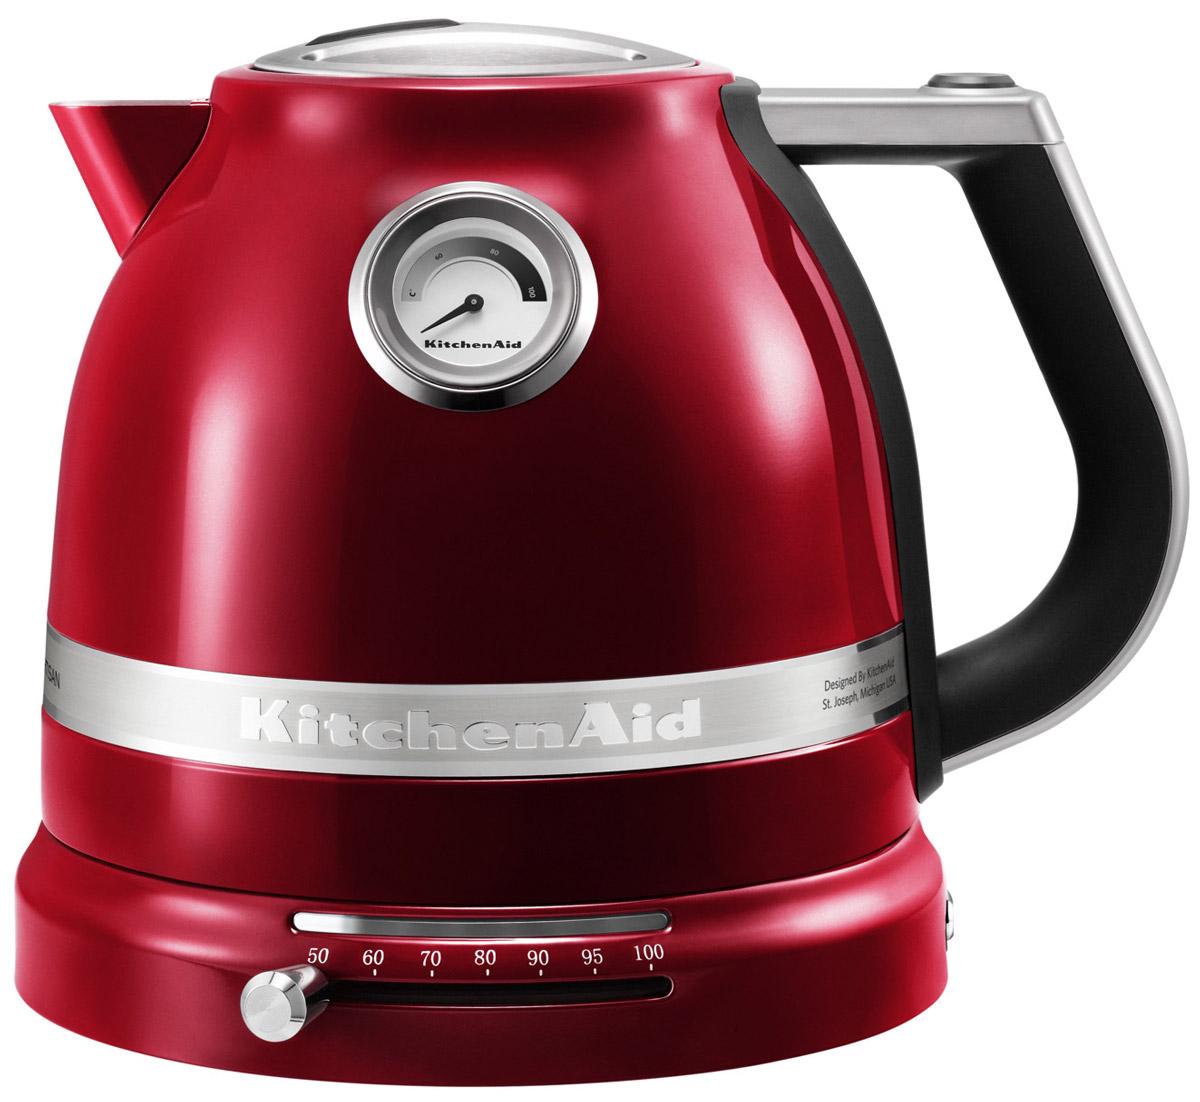 KitchenAid Artisan (5KEK1522ECA), Red Caramel электрочайник5KEK1522ECA Red CaramelЭлектрический чайник KitchenAid ARTISAN объемом 1,5 литра - это новое слово в бытовой технике. Великолепныеформы, эргономичность иэлегантность - лучший образец, который обязательно должен быть на любой кухне. Выпить чашку чая с KitchenAidARTISAN - это доставить себеистинное наслаждение и удовольствие.Ценители чайного напитка прекрасно знают, что каждый вид чая требует своей температуры воды. Но добитьсянужного нагрева с обычноймоделью было невероятно сложно. Теперь все изменилось: с двустенным электрическим чайником KitchenAidARTISAN объемом 1,5 литра выможете: выбирать нужную температуру нагрева от 50 до 100 градусов; поддерживать воду горячей в течение всей чайной церемонии; видеть температуру воды даже тогда, когда чайник не стоит на своей платформе; не ждать любимого напитка дольше положенного - этот прибор нагревает воду моментально.